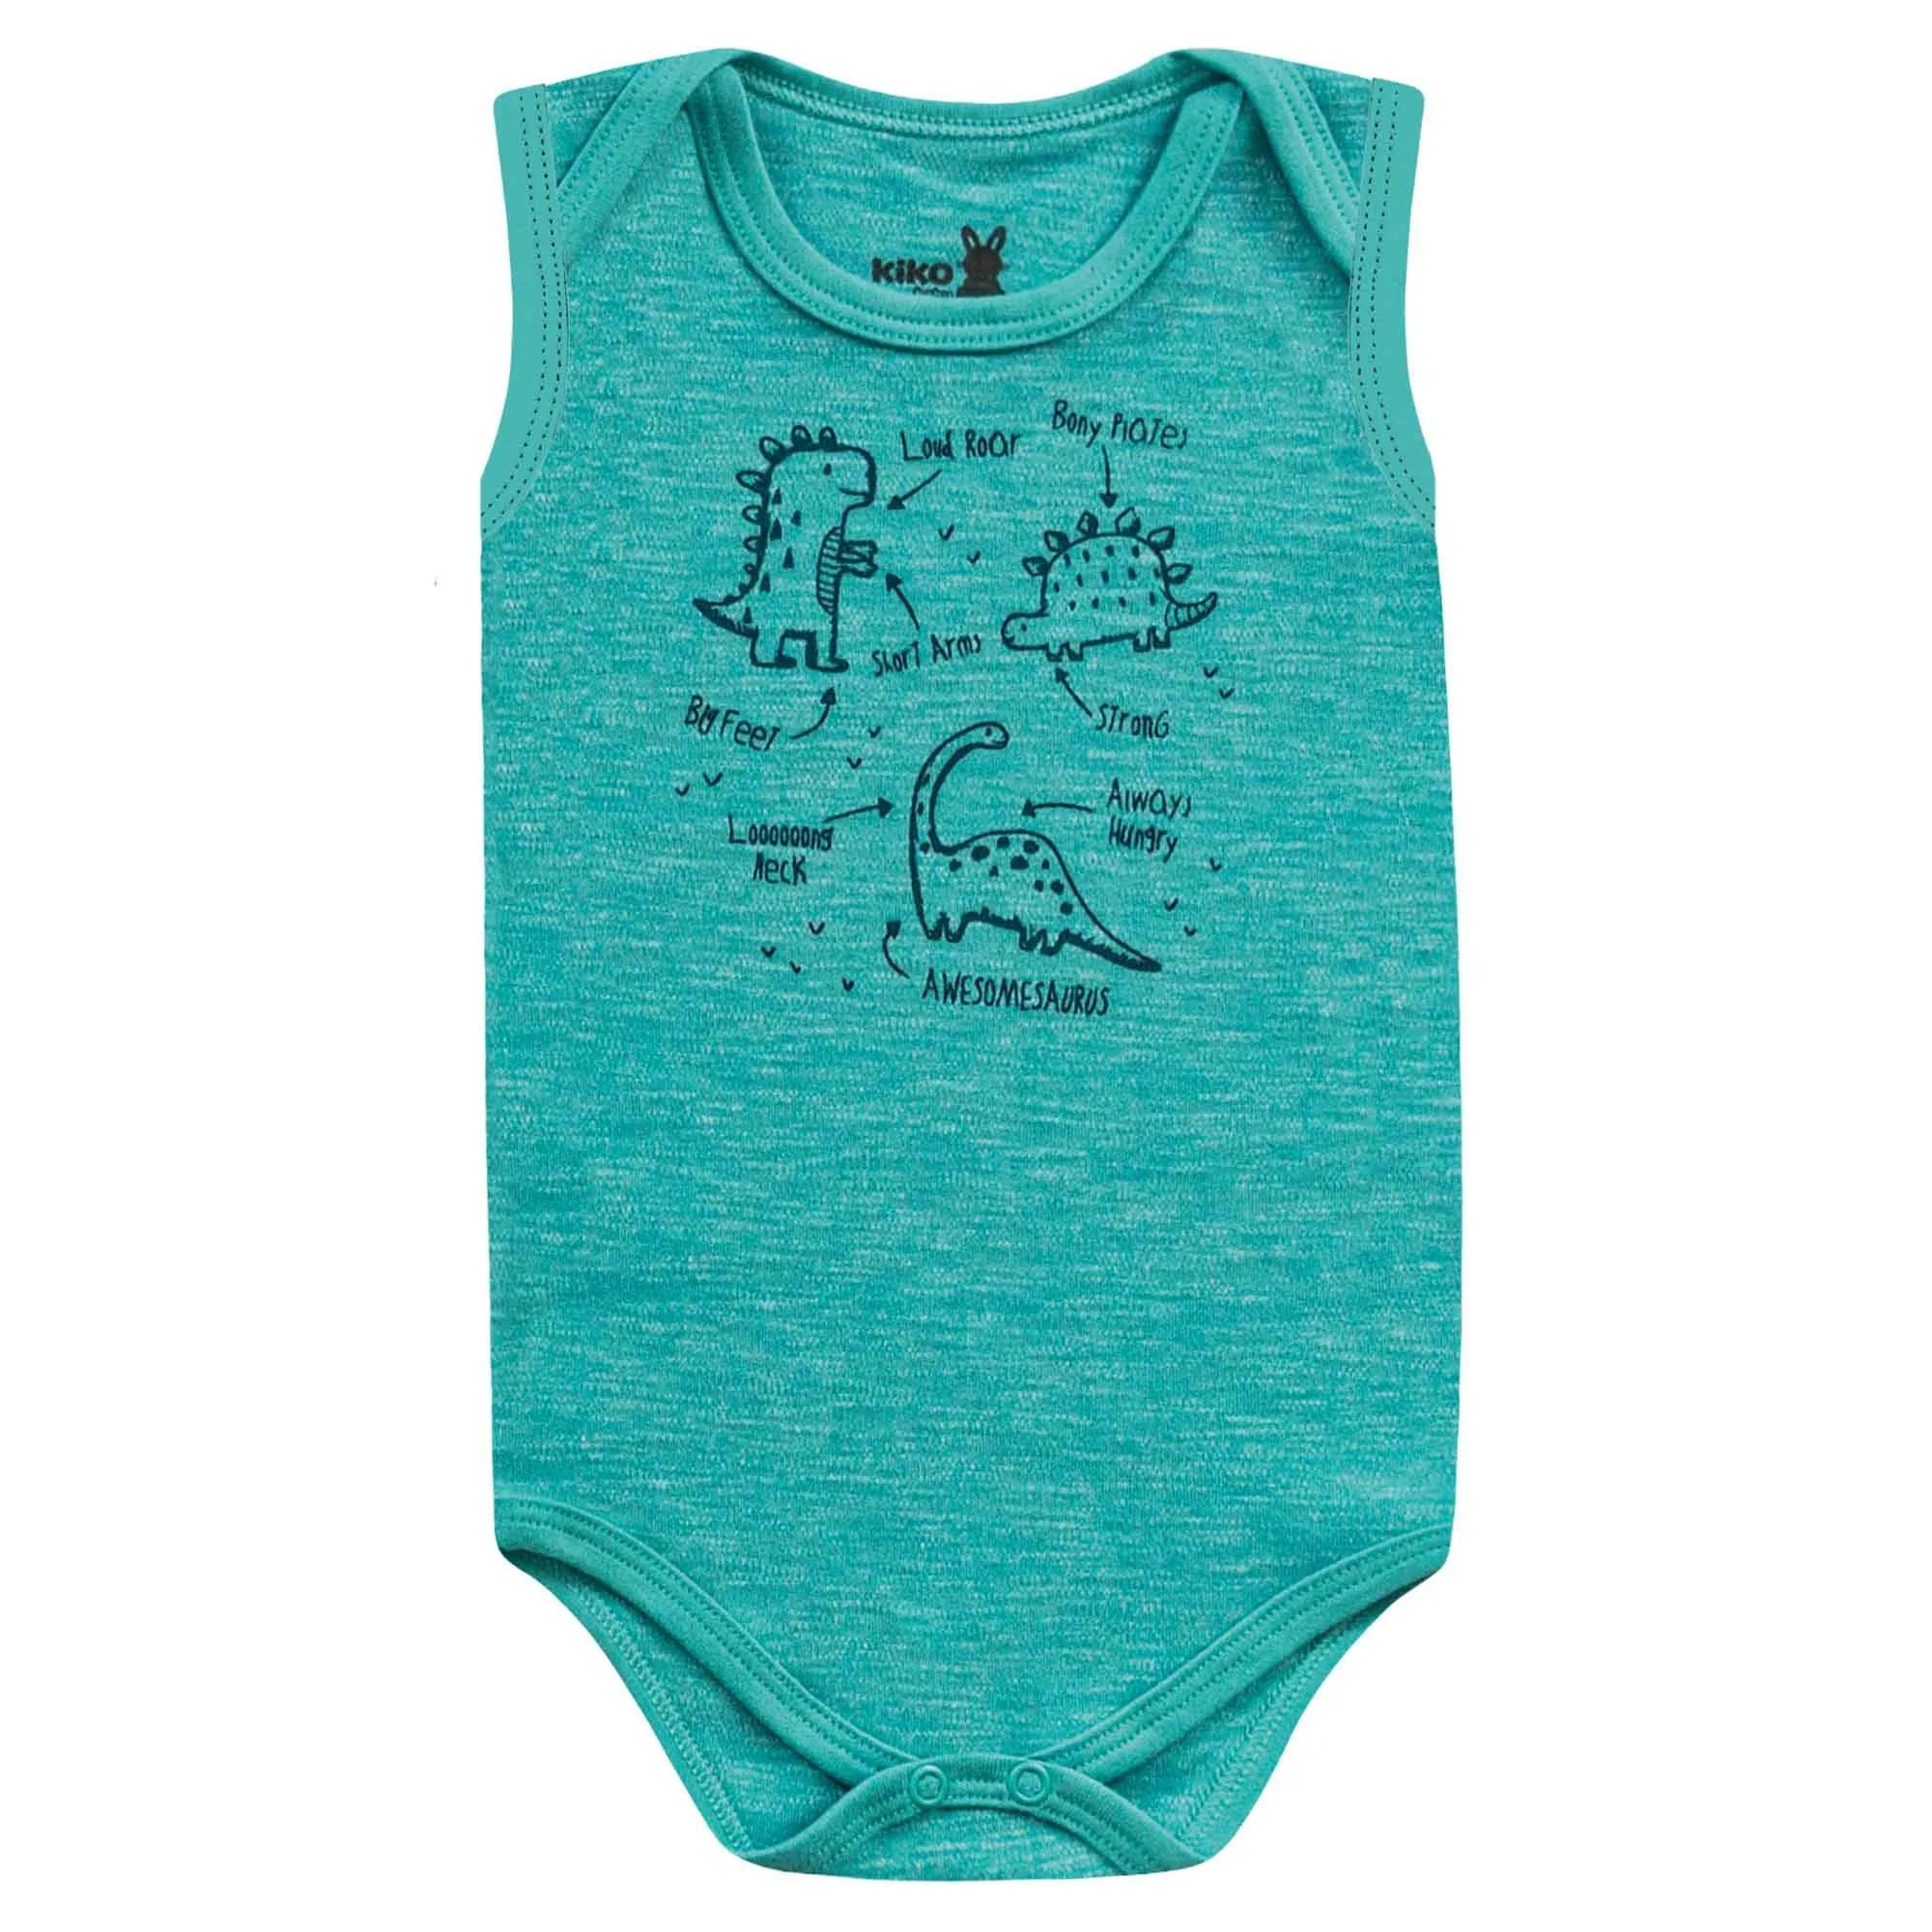 Body Regata Kiko Baby Liso e Estampa Dino - RN ao G